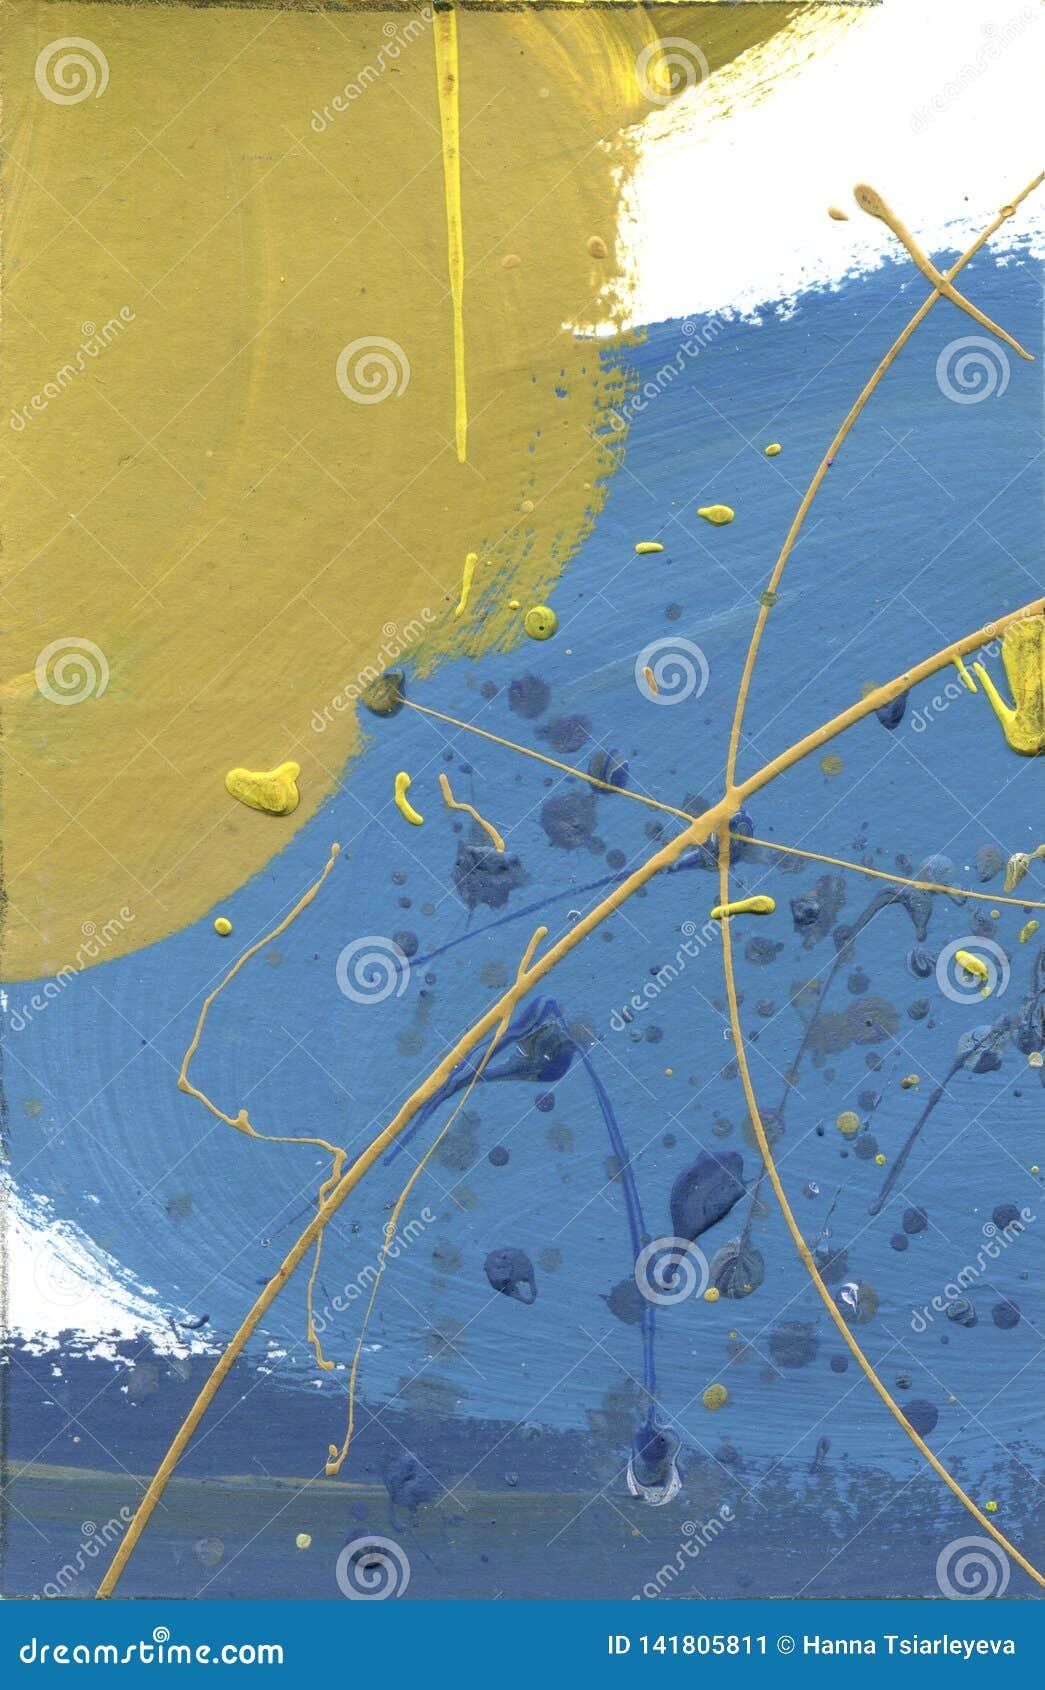 Akwarela abstrakt bolał kanwę Pustynnych skutków akrylowych pluśnięć farby ręcznie robiony kolor żółty i niebieskiej linii tekstu